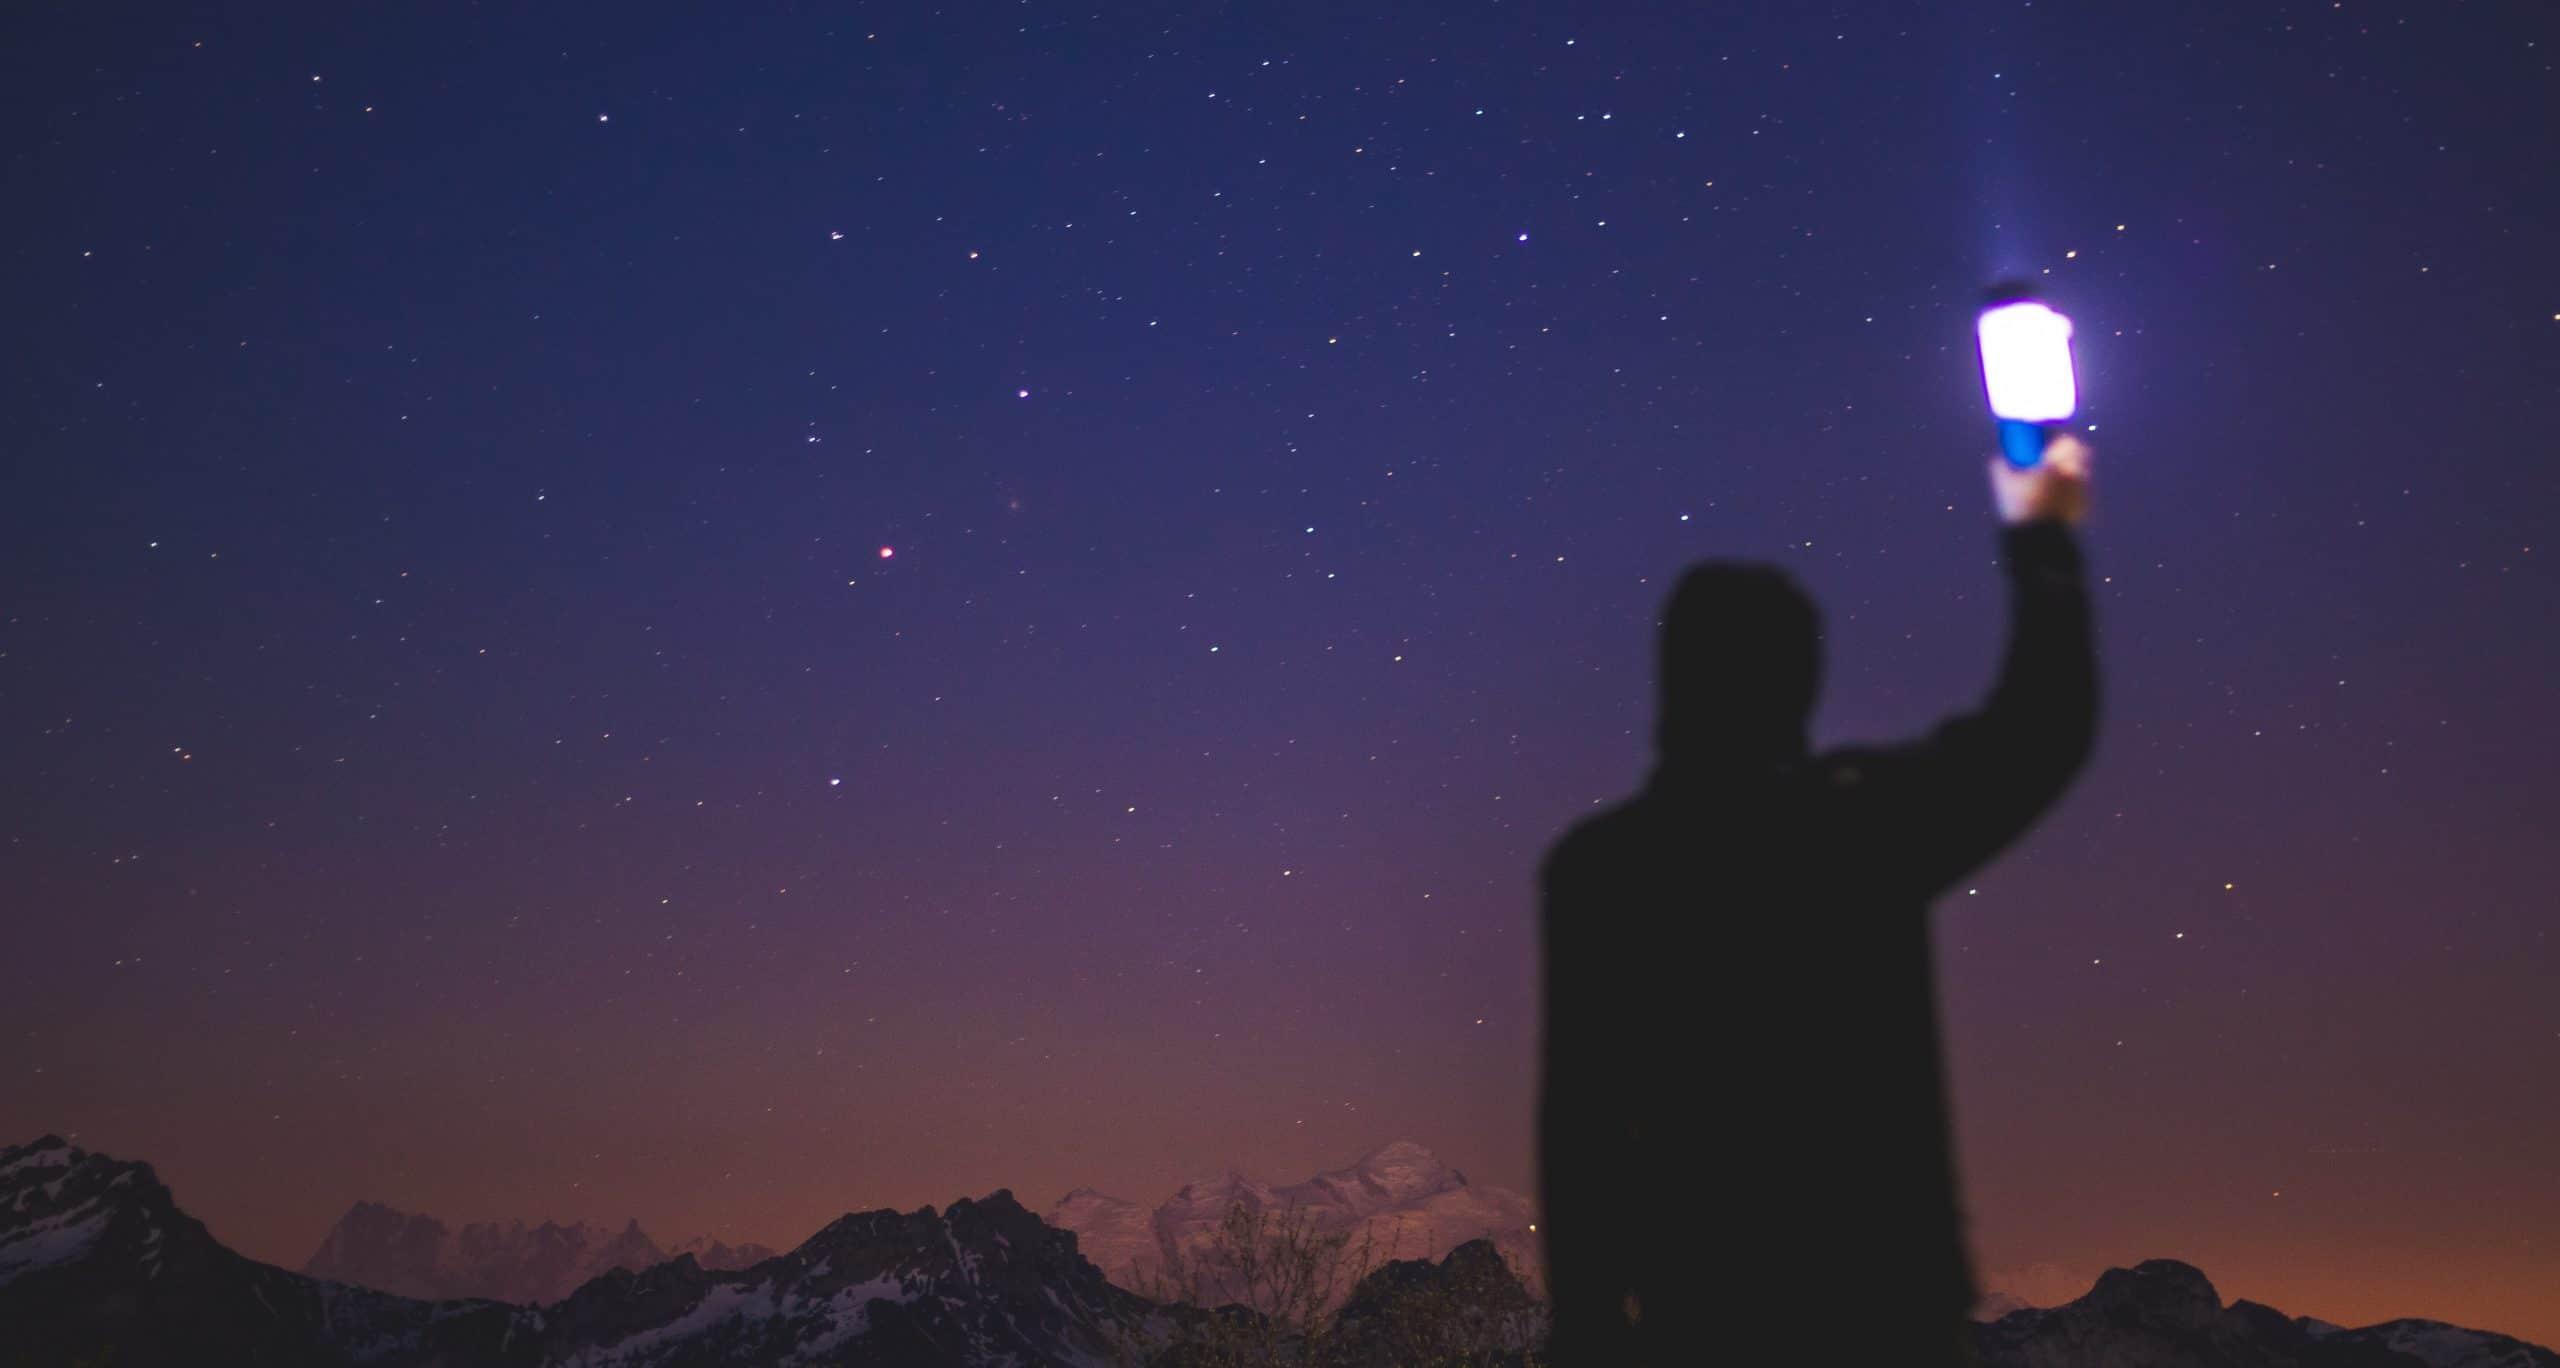 Silhueta de pessoa observando céu noturno estrelado.